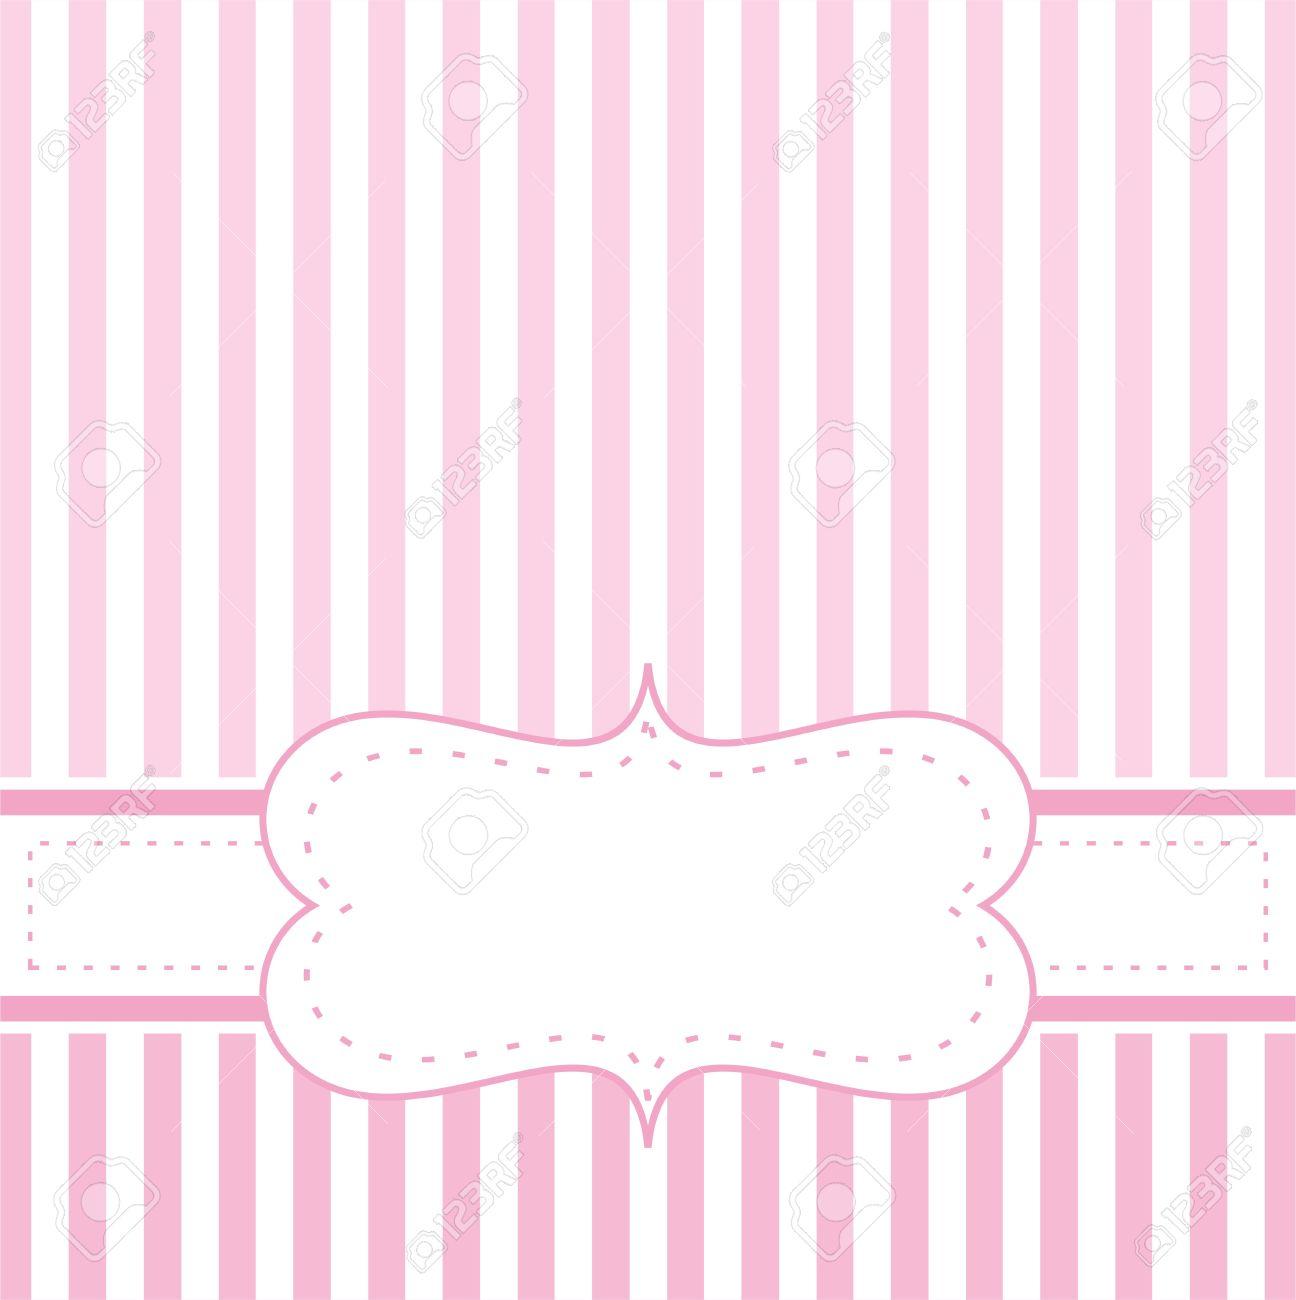 Invitación Rosada Tarjeta Vector Para Baby Shower Partido, Boda O ...